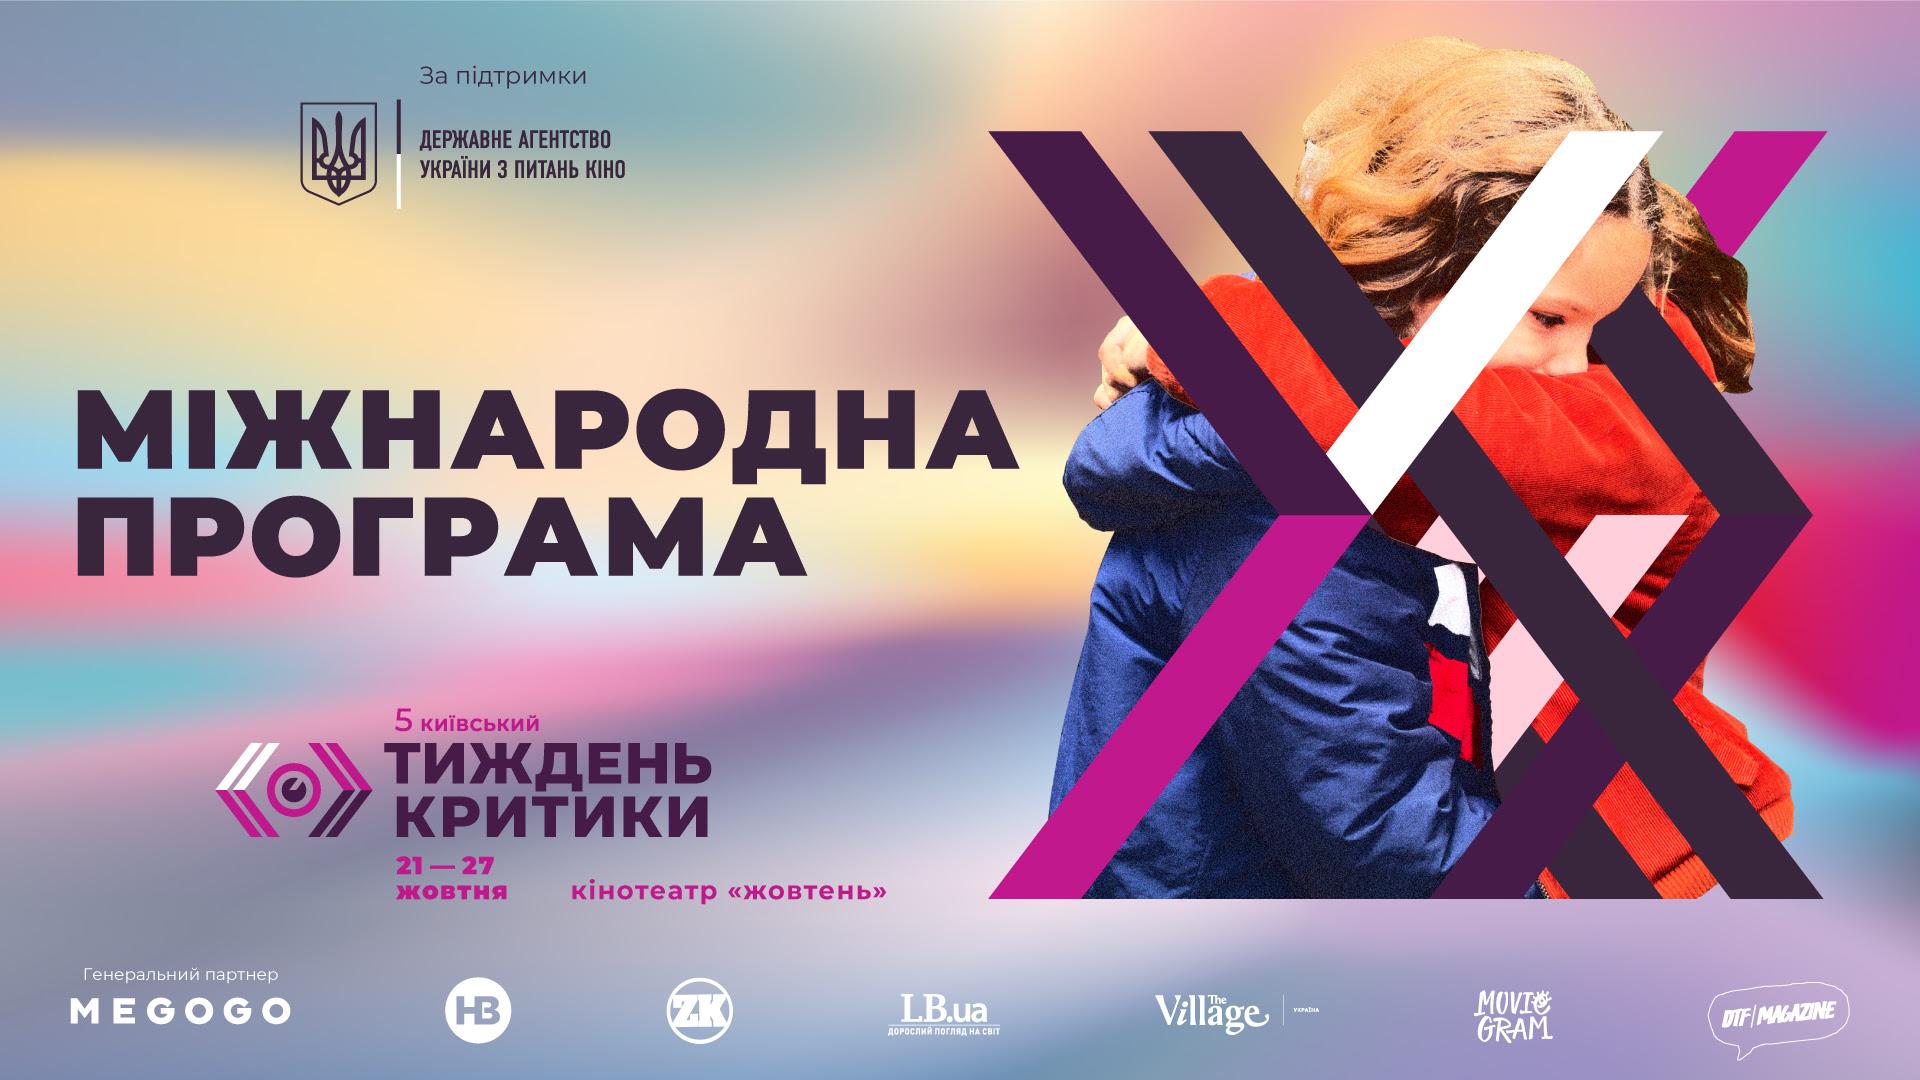 Київський тиждень критики оголосив Міжнародну програму